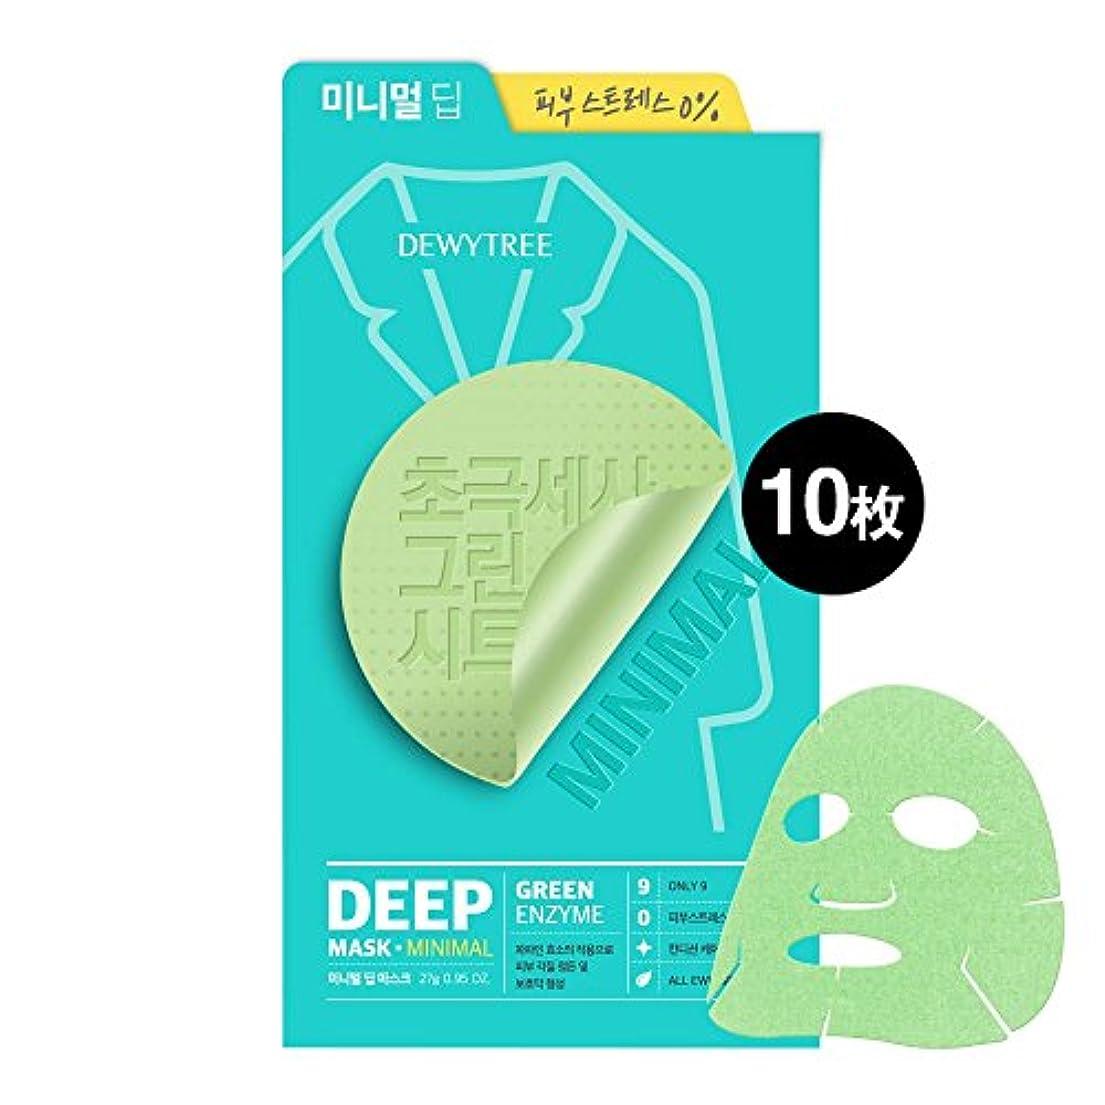 選出する寄付委任する(デューイトゥリー) DEWYTREE ミニマルディープマスク 10枚 Minimal Deep Mask 韓国マスクパック (並行輸入品)